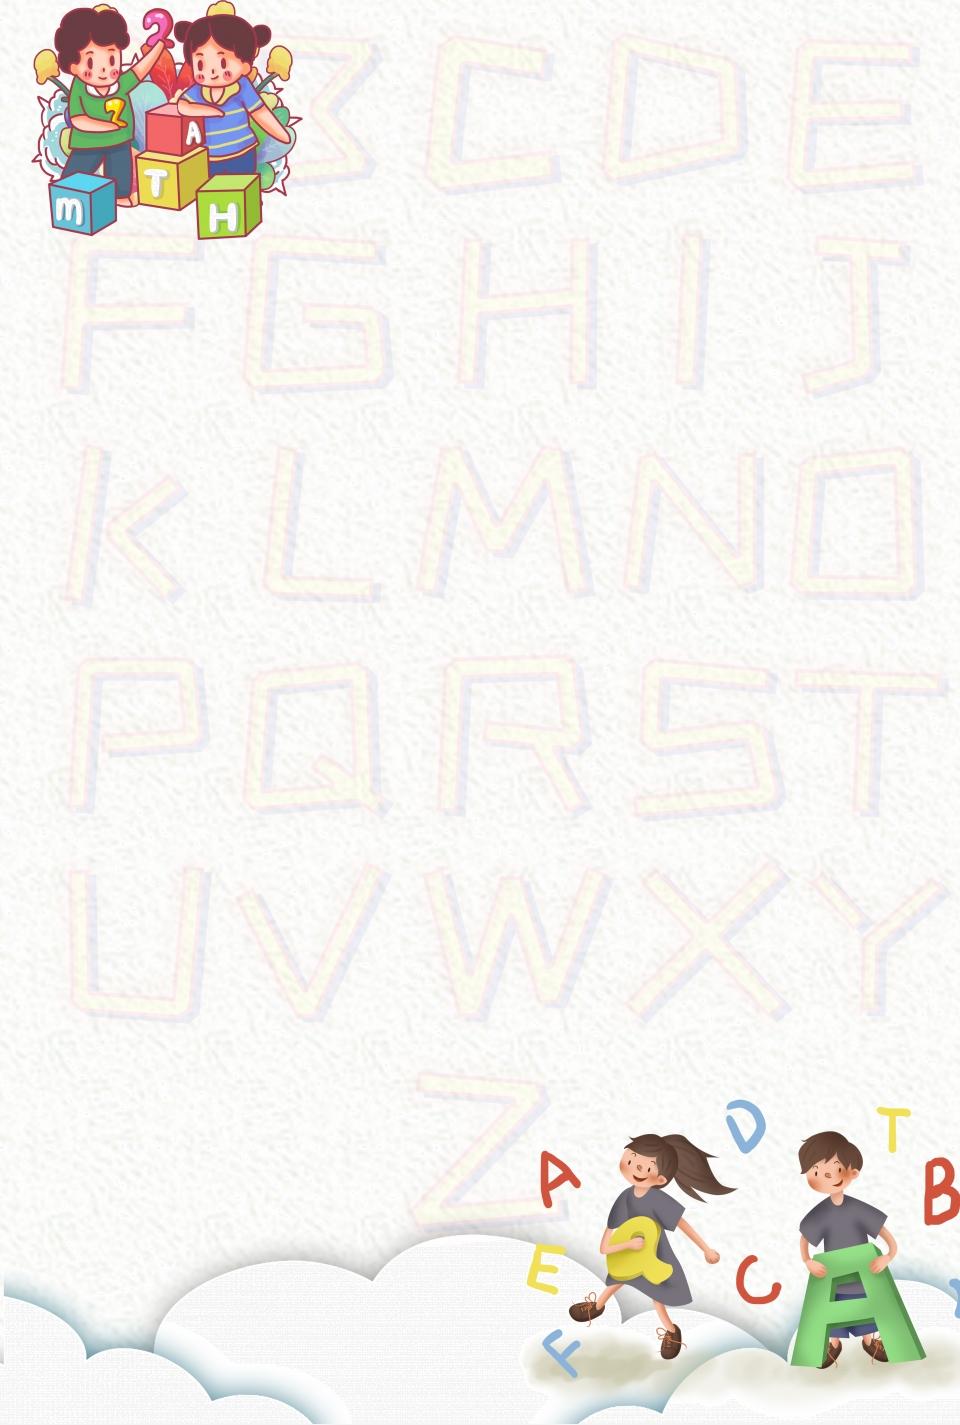 أسلوب بسيط دروس تعليم اللغة الإنجليزية الاستماع باللغة الإنجليزية فصل تدريب اللغة الإنجليزية خلفية الملصق الالتحاق بسيط صورة الخلفية للتحميل مجانا